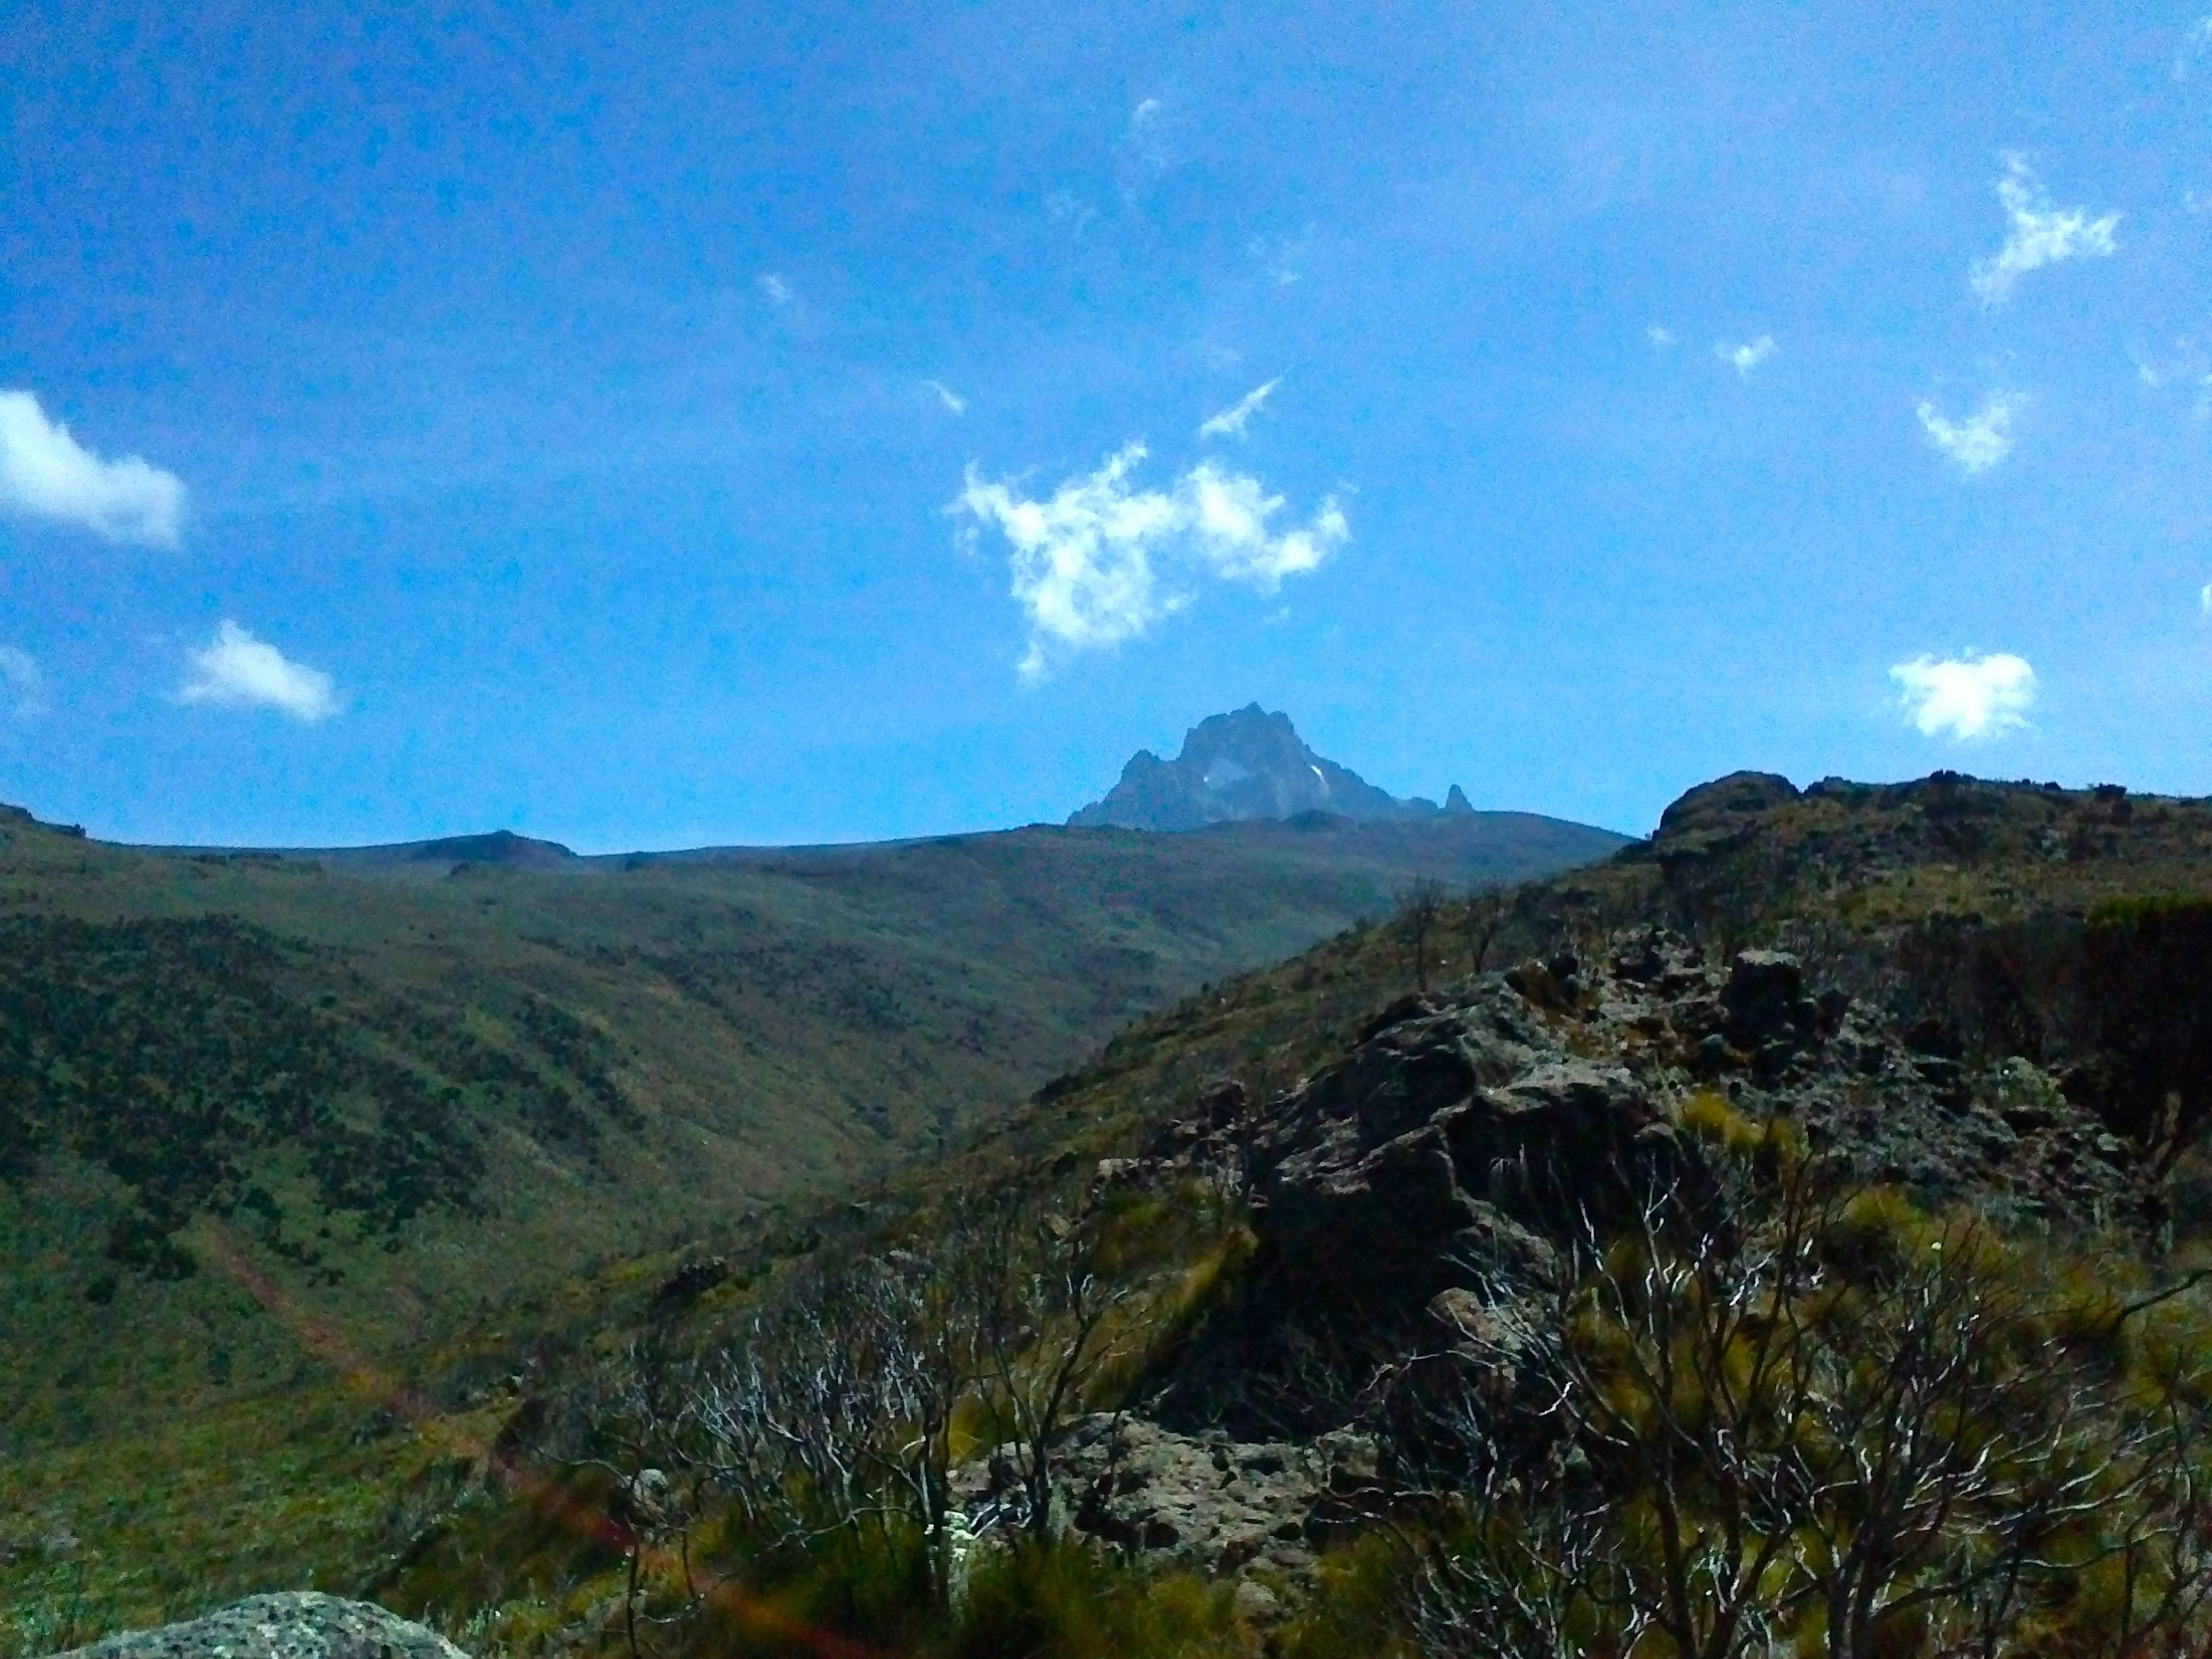 Vue sur le Mont Kenya